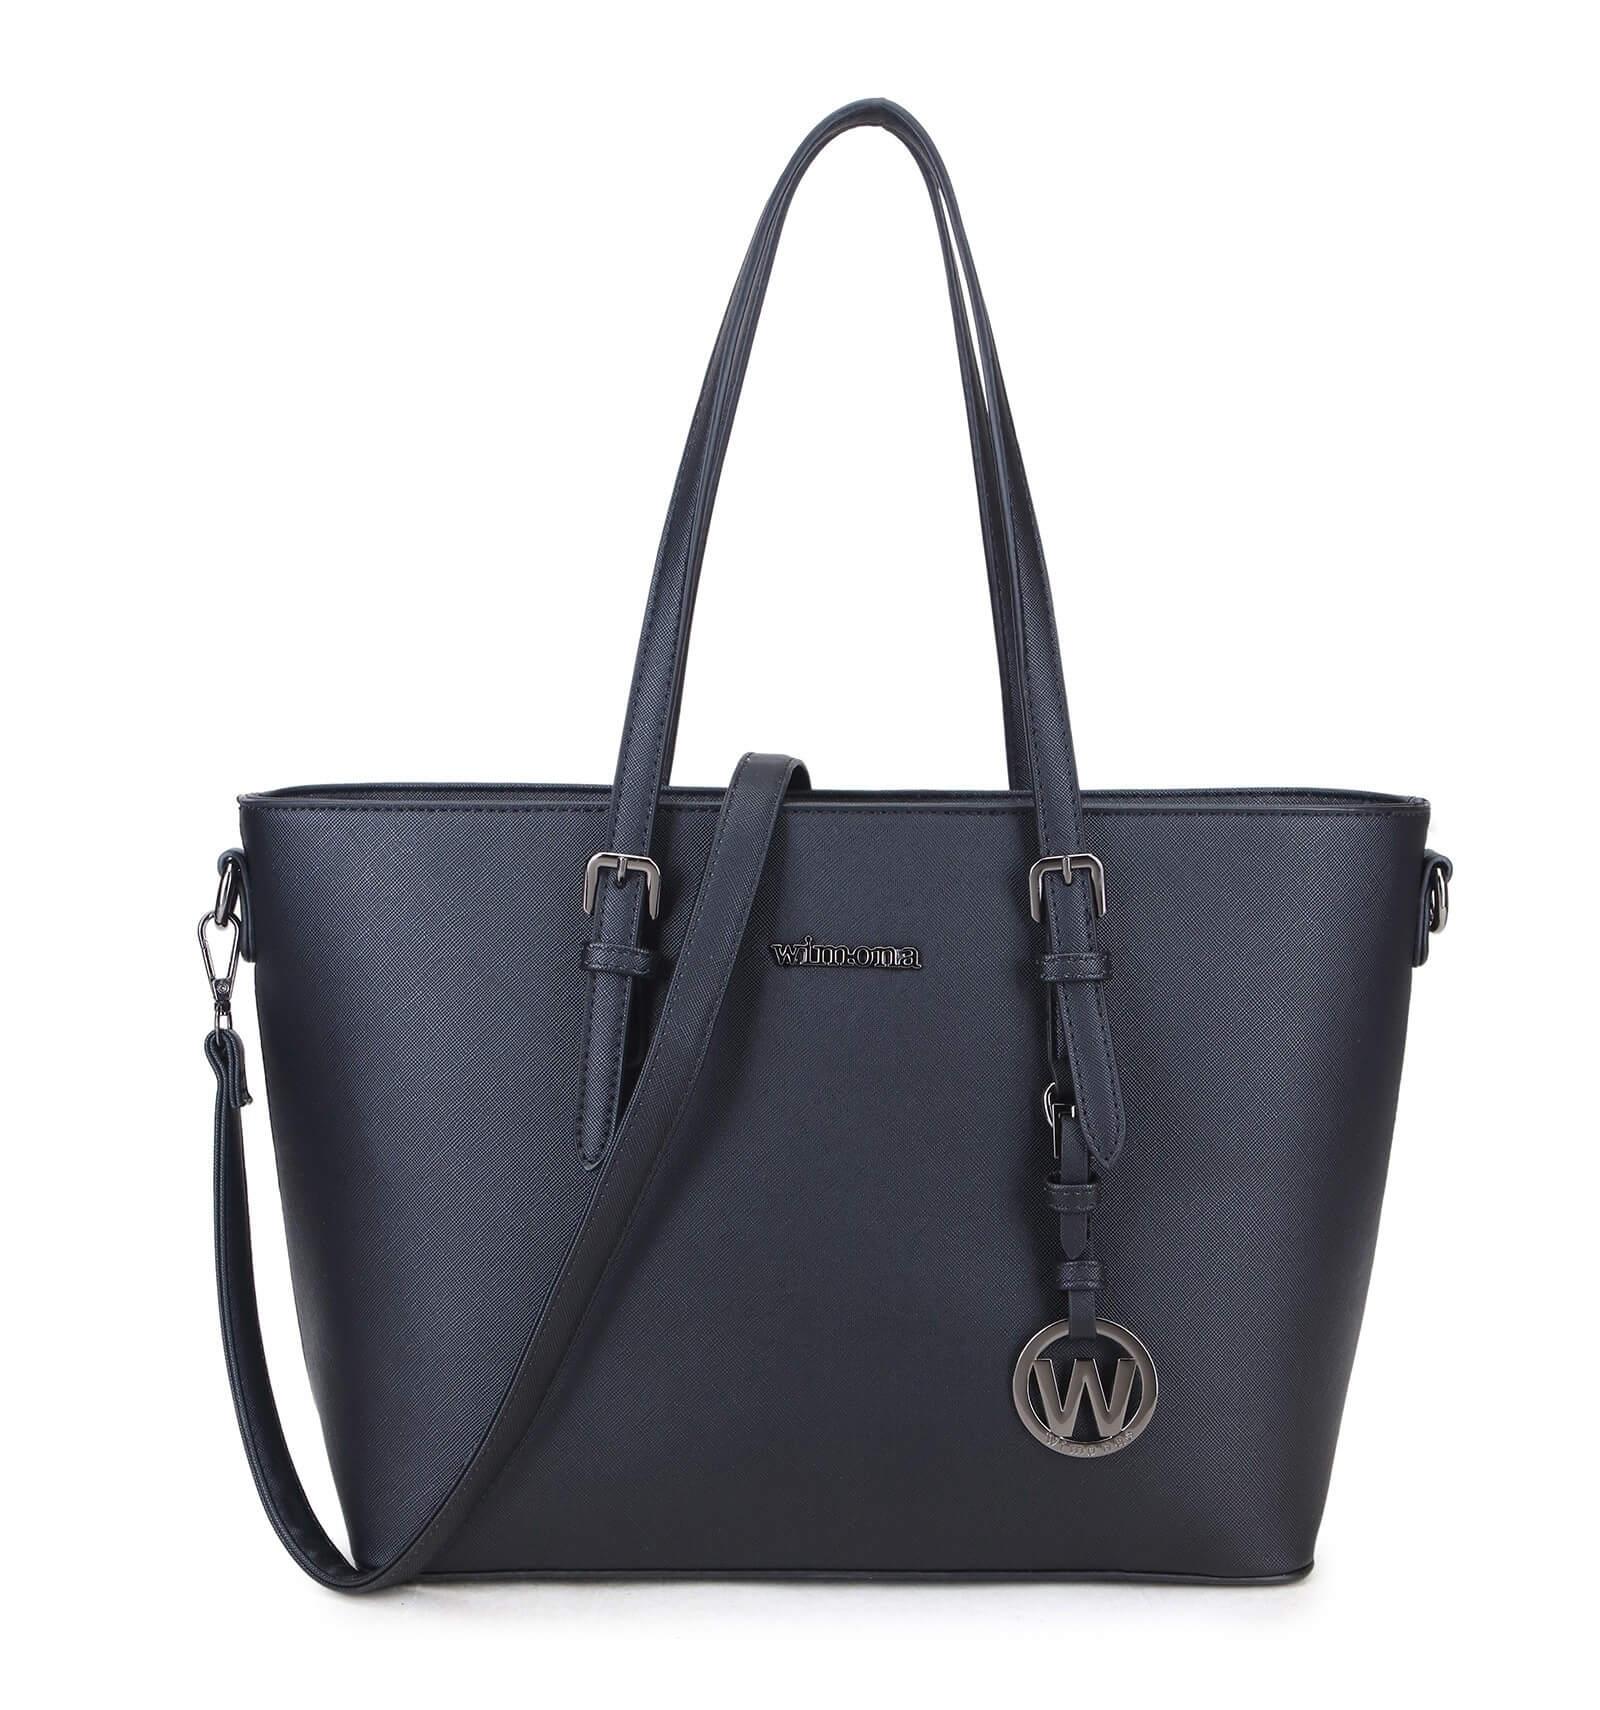 7684ba62877 De Wimona 3010 is een prachtige schoudertas/handtas uit de Kyara serie van  Wimona. De tas is gemaakt van stevig kunstleer en heeft een luxe  uitstraling.